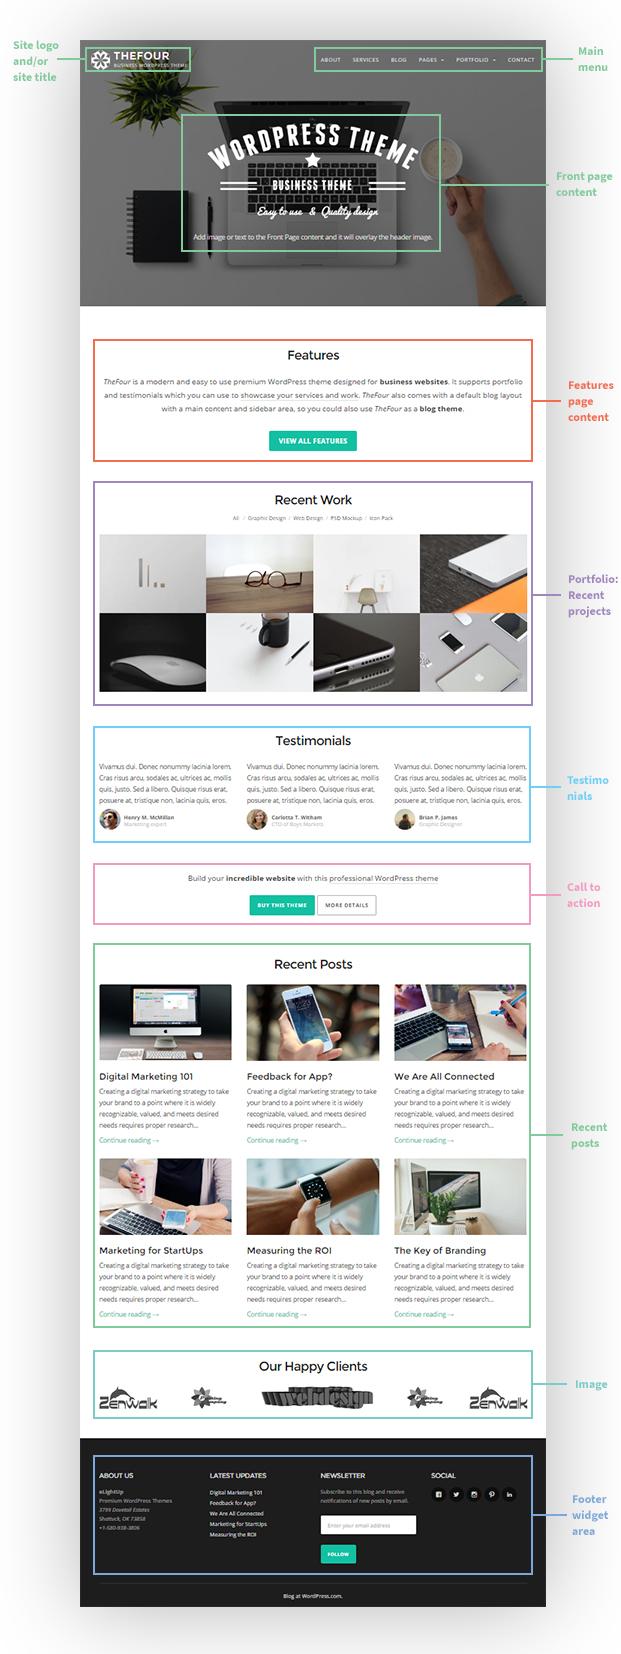 TheFour WordPress Theme Annotation